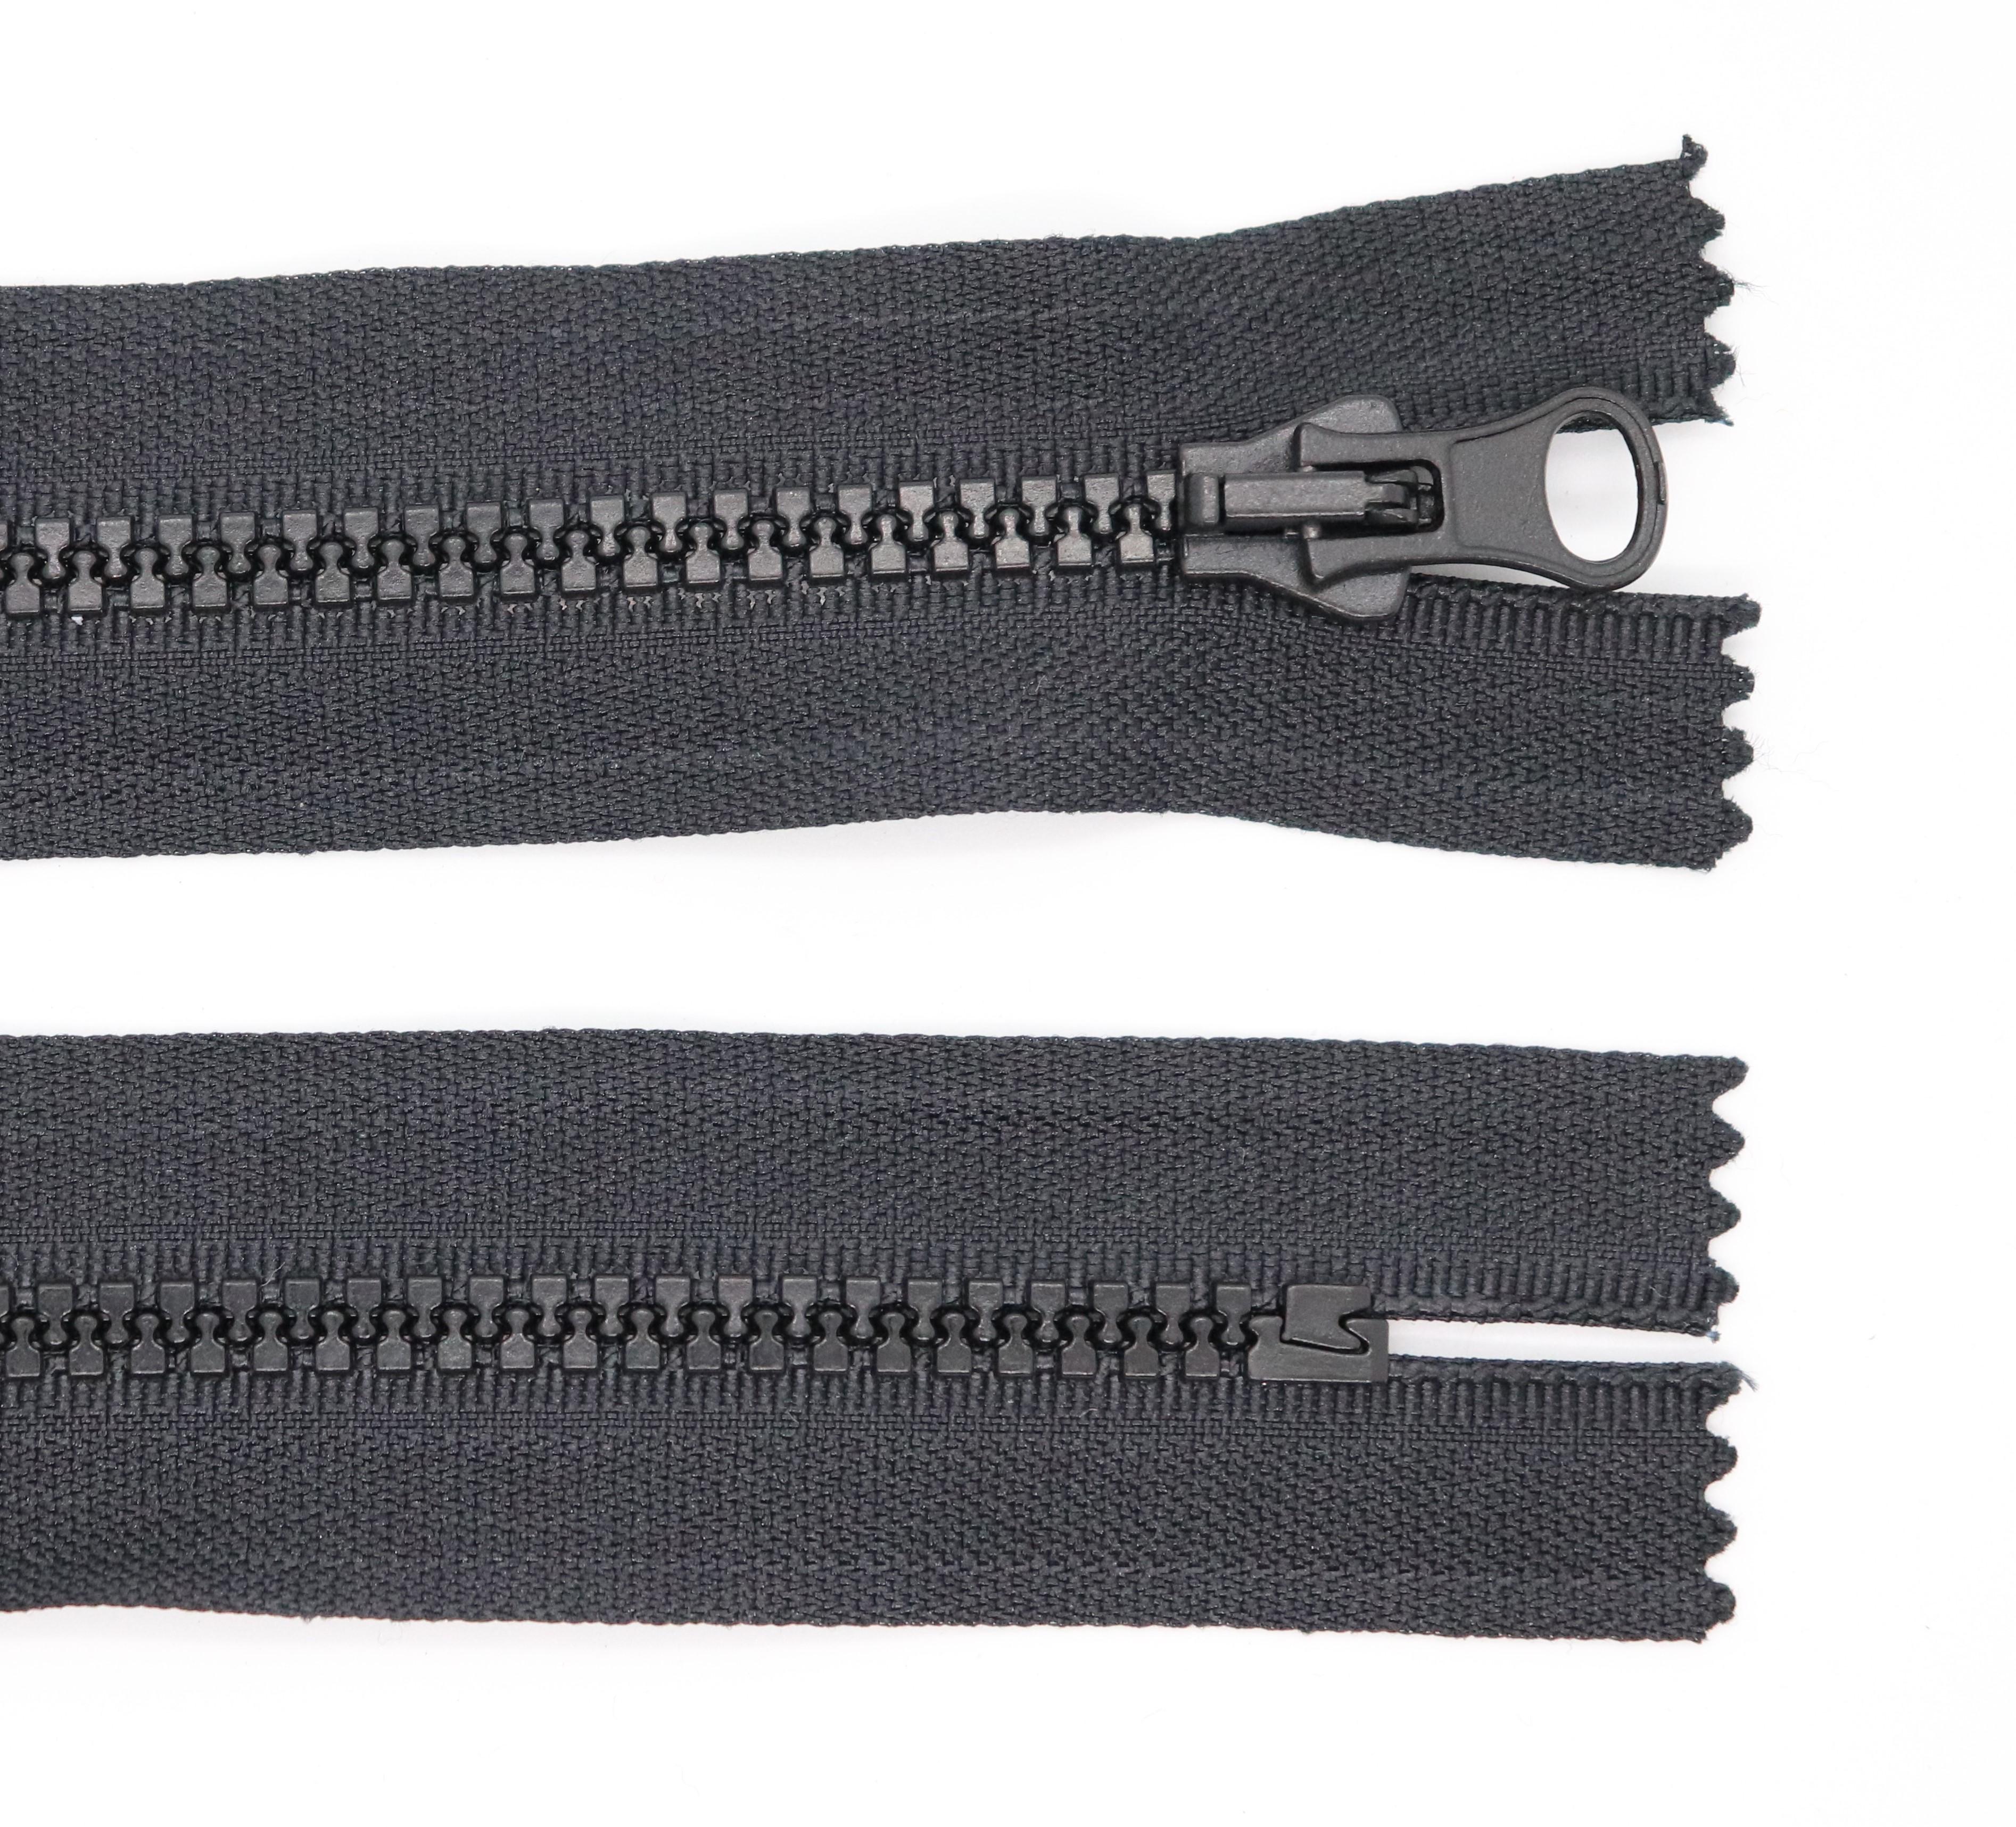 Kostìný zip šíøe 5 mm délka 14 cm nedìlitelný - zvìtšit obrázek